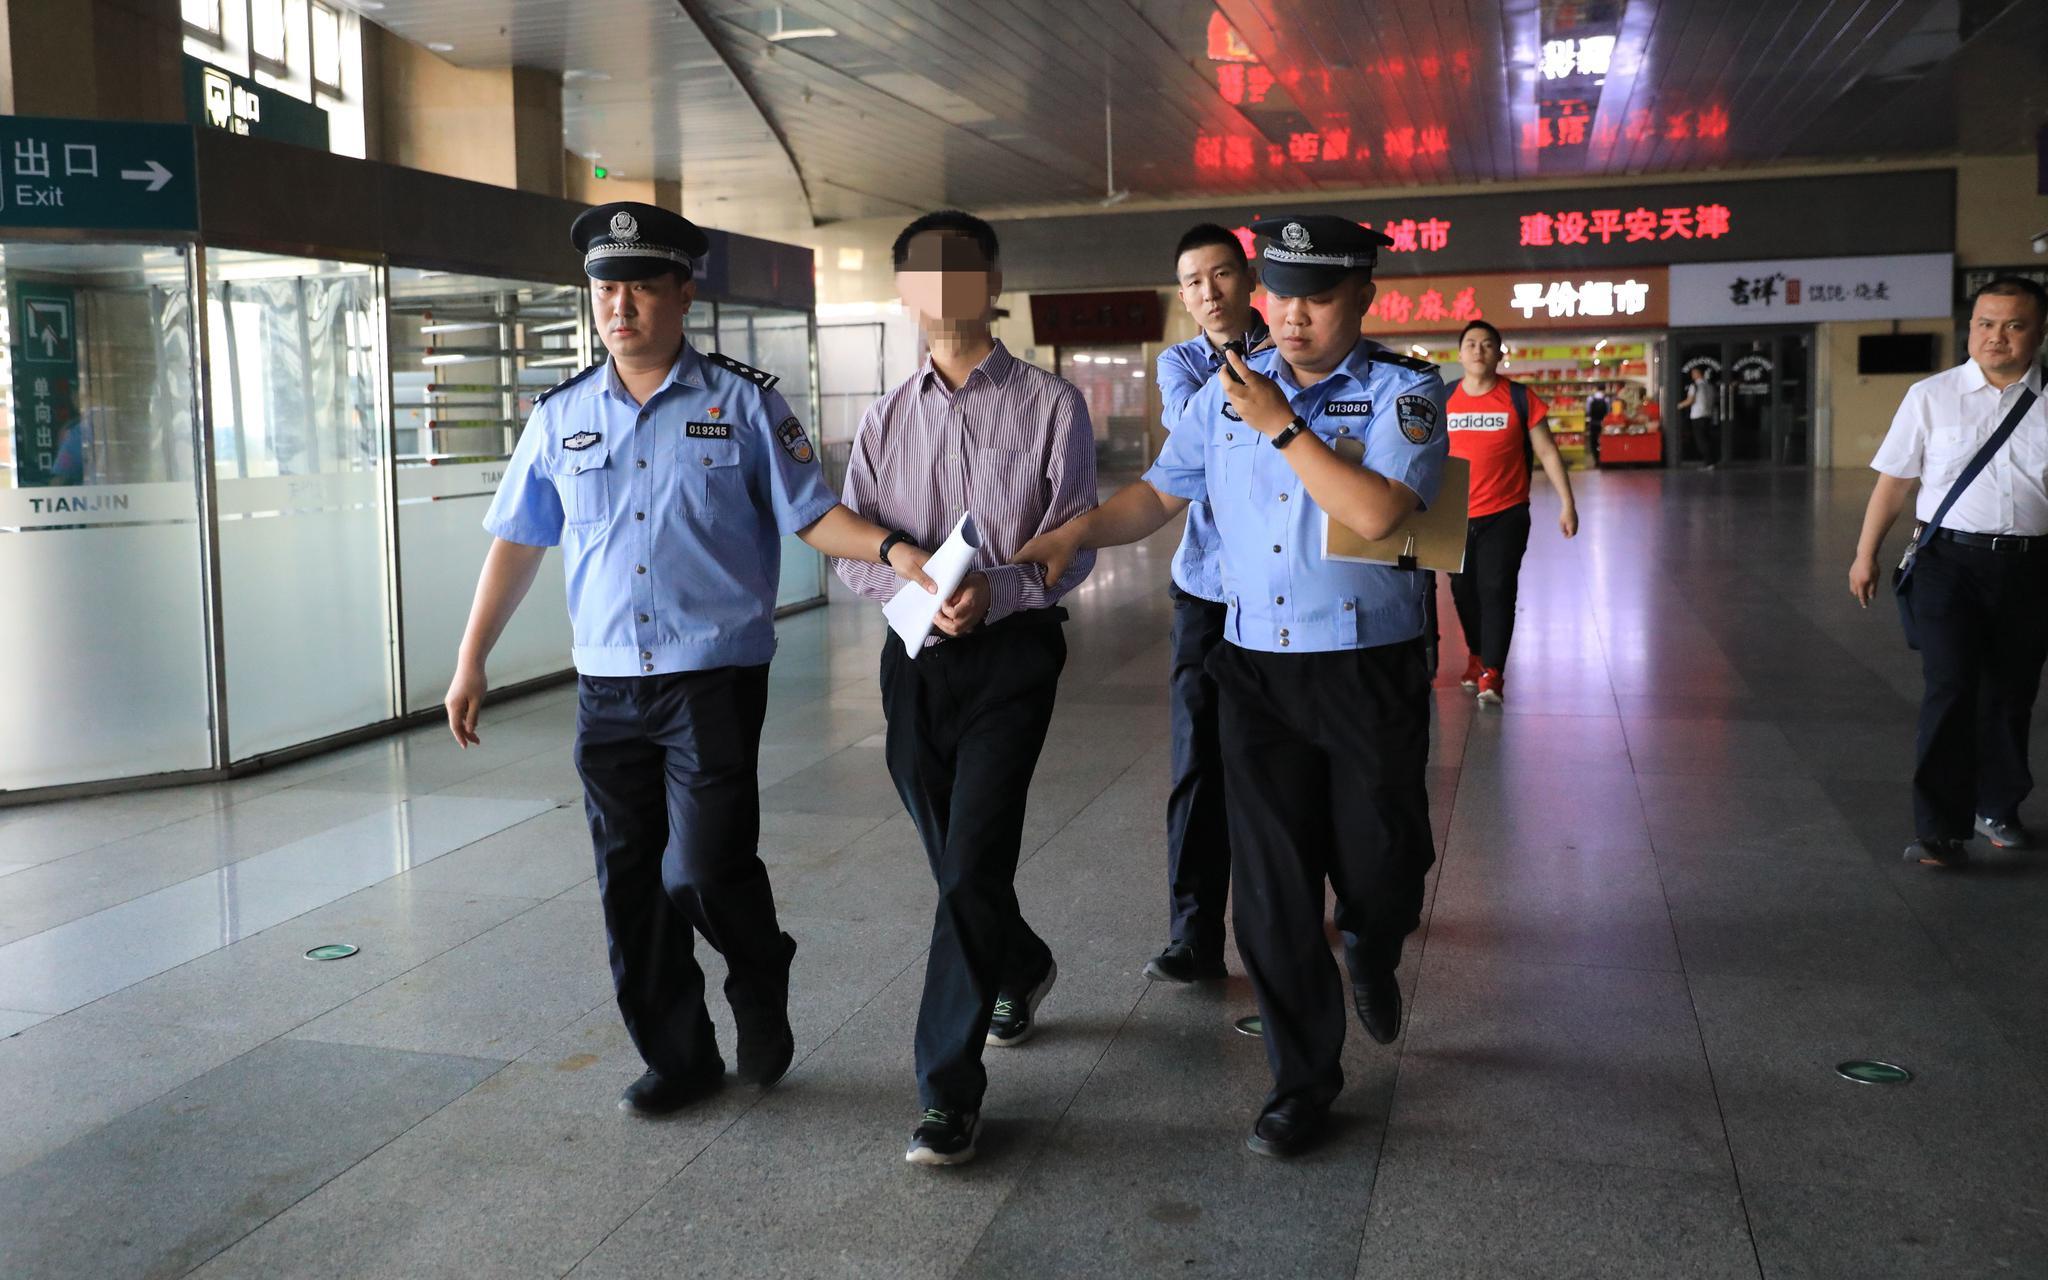 南京疫情传播链增至170人 一图看懂德尔塔毒株为何这么凶